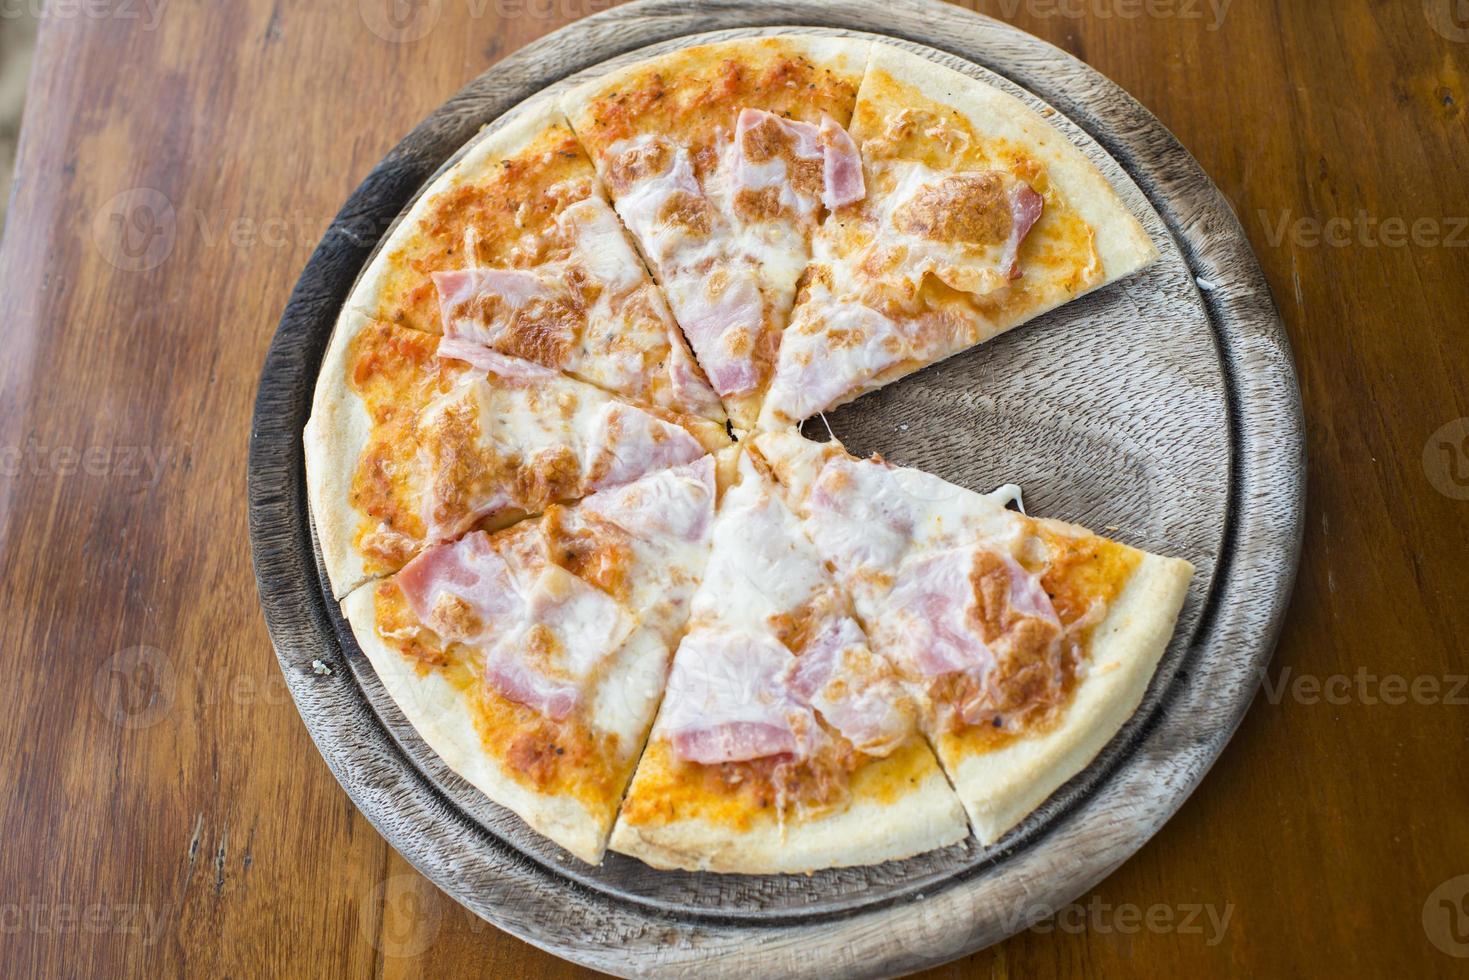 hausgemachter Pizzaschinken auf Holztisch. foto